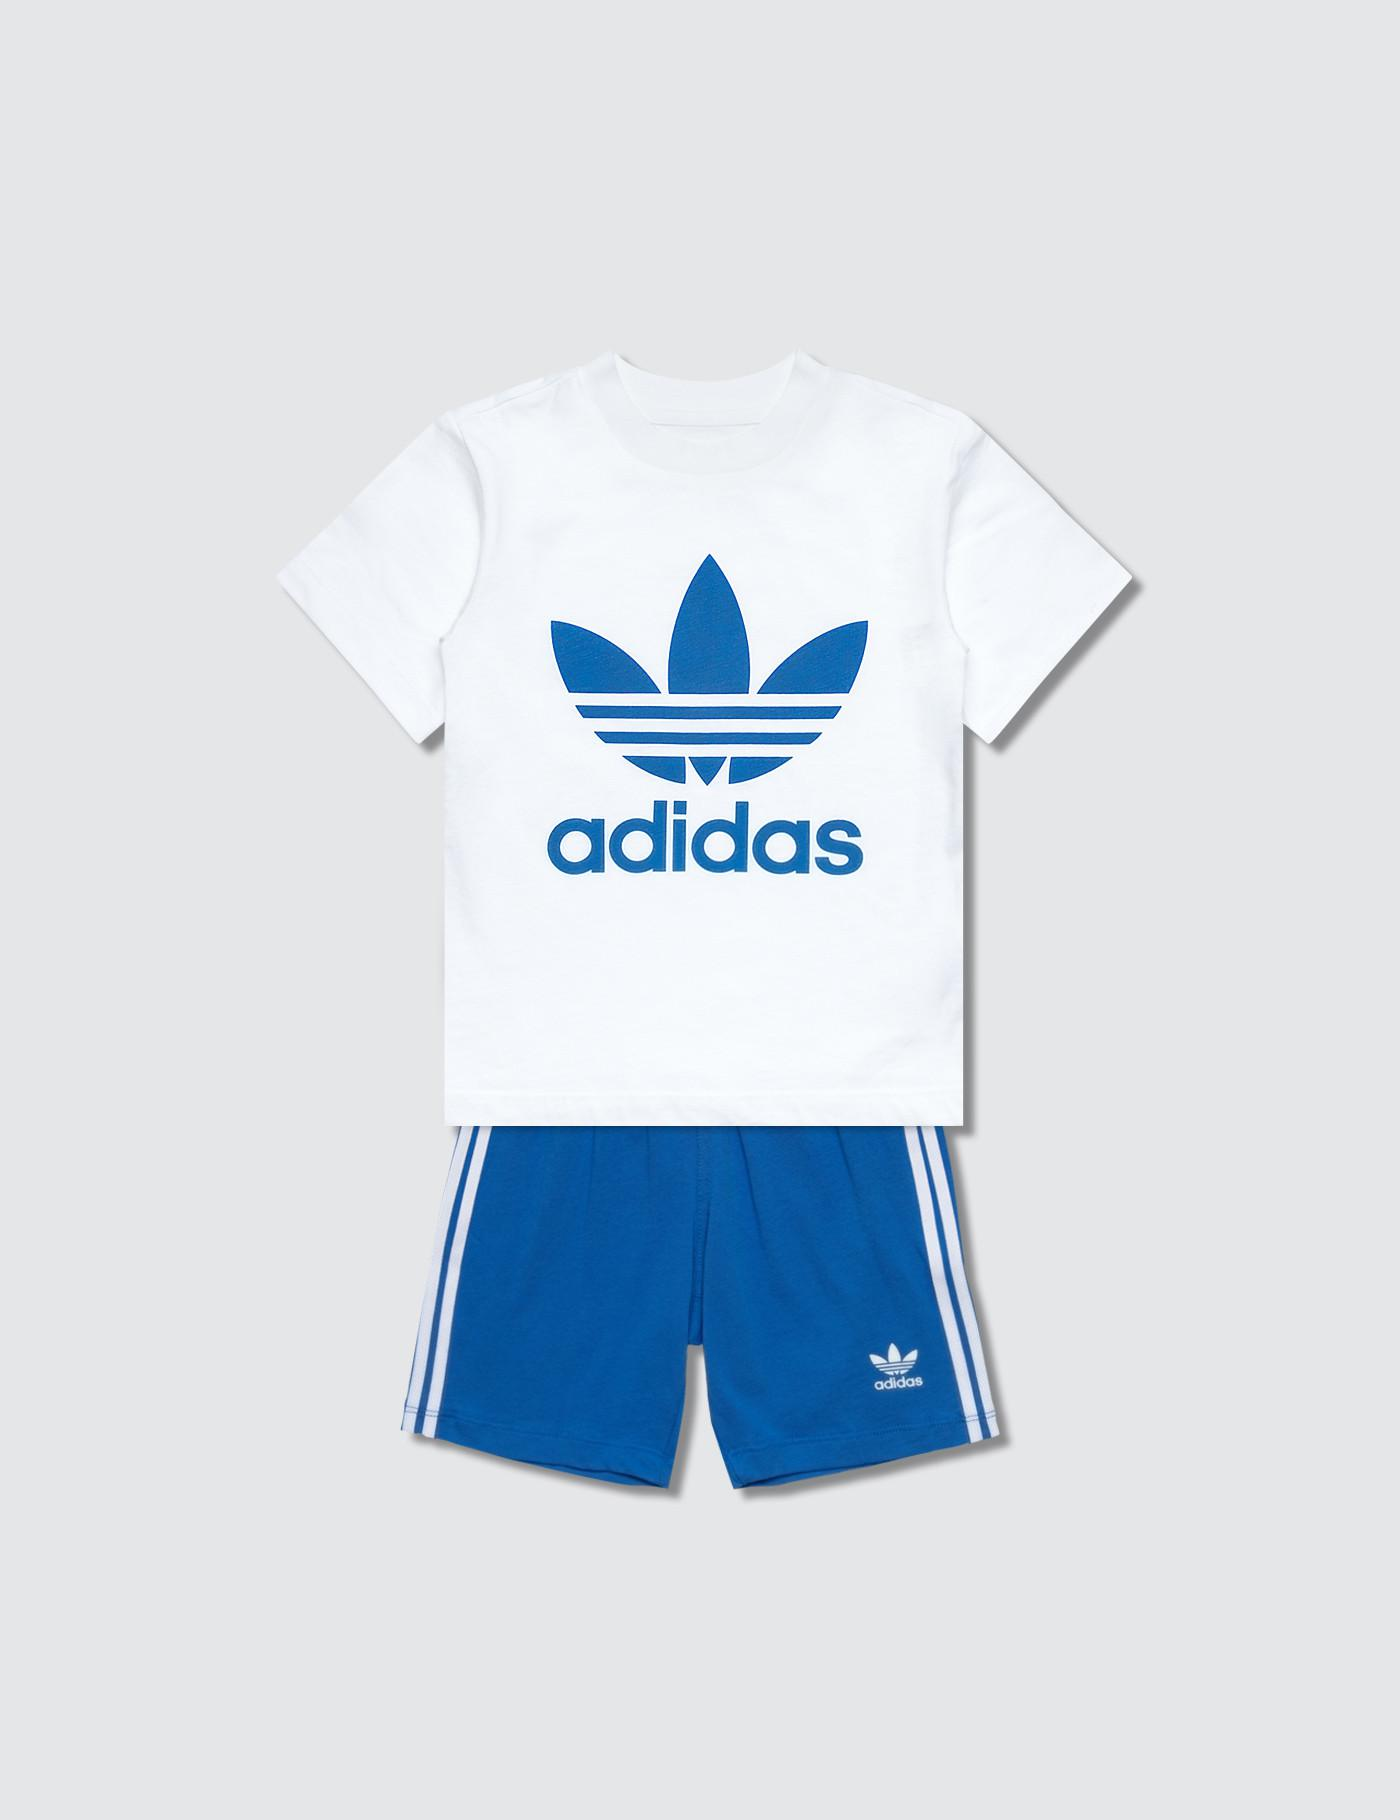 afe3af51 adidas Originals Shorts & T-shirt Set in Blue for Men - Lyst